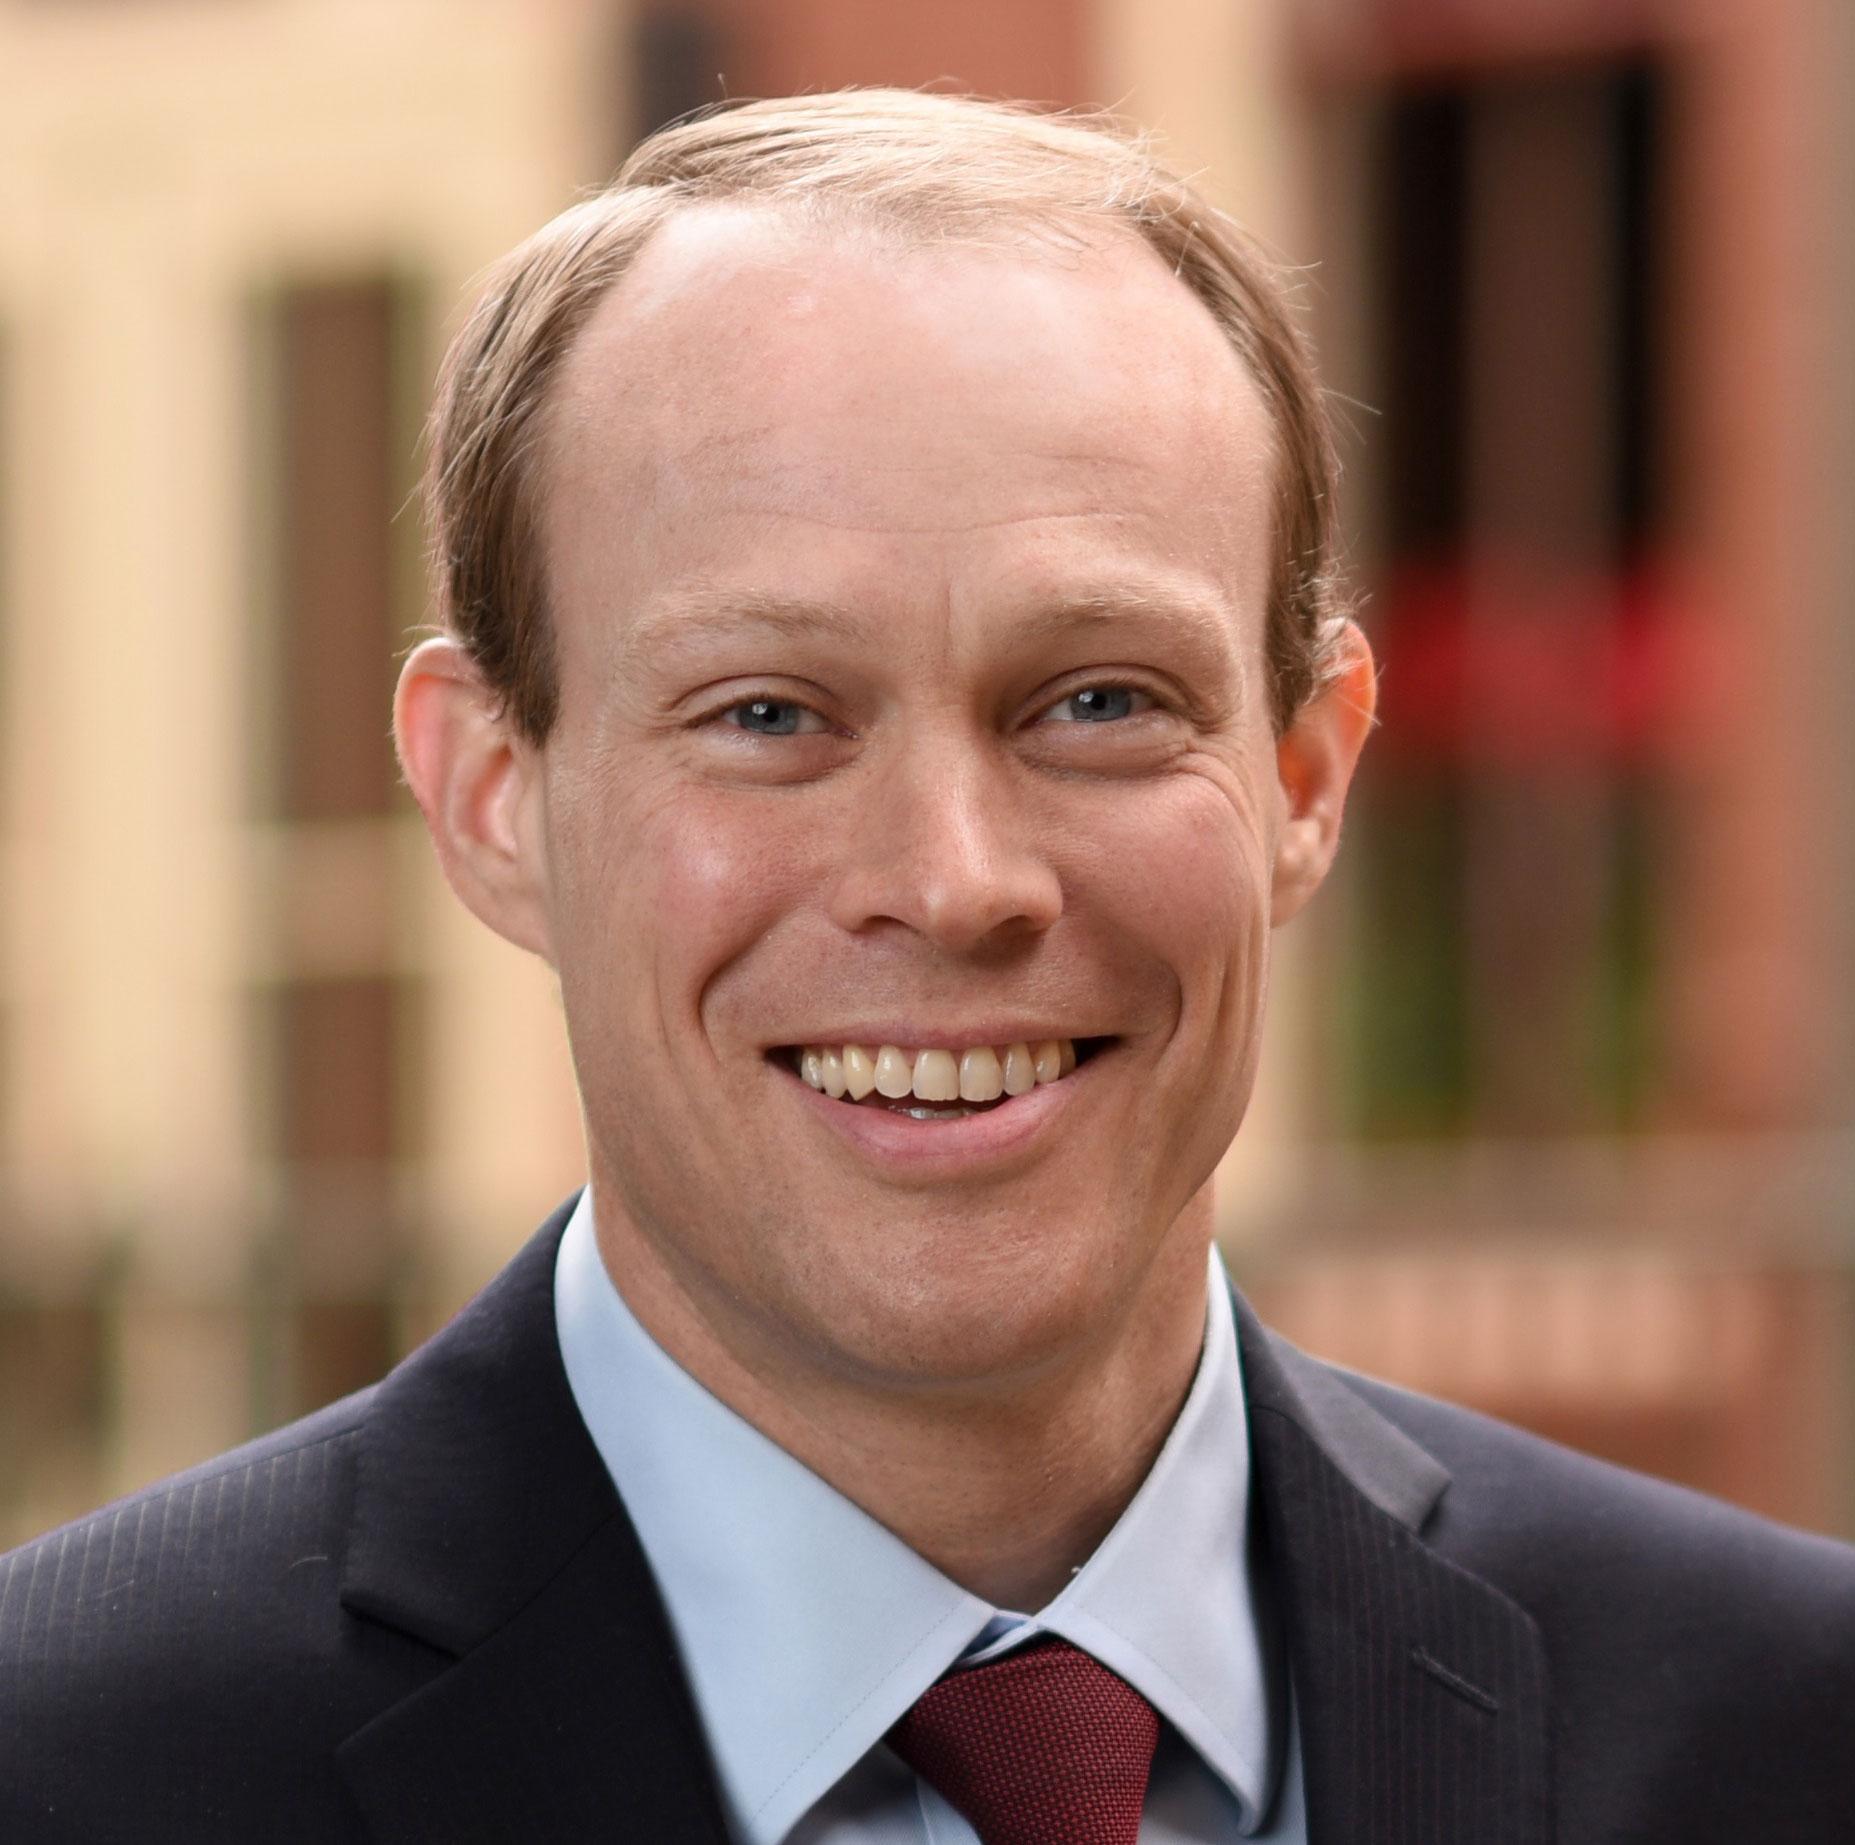 Adam J. MacLeod